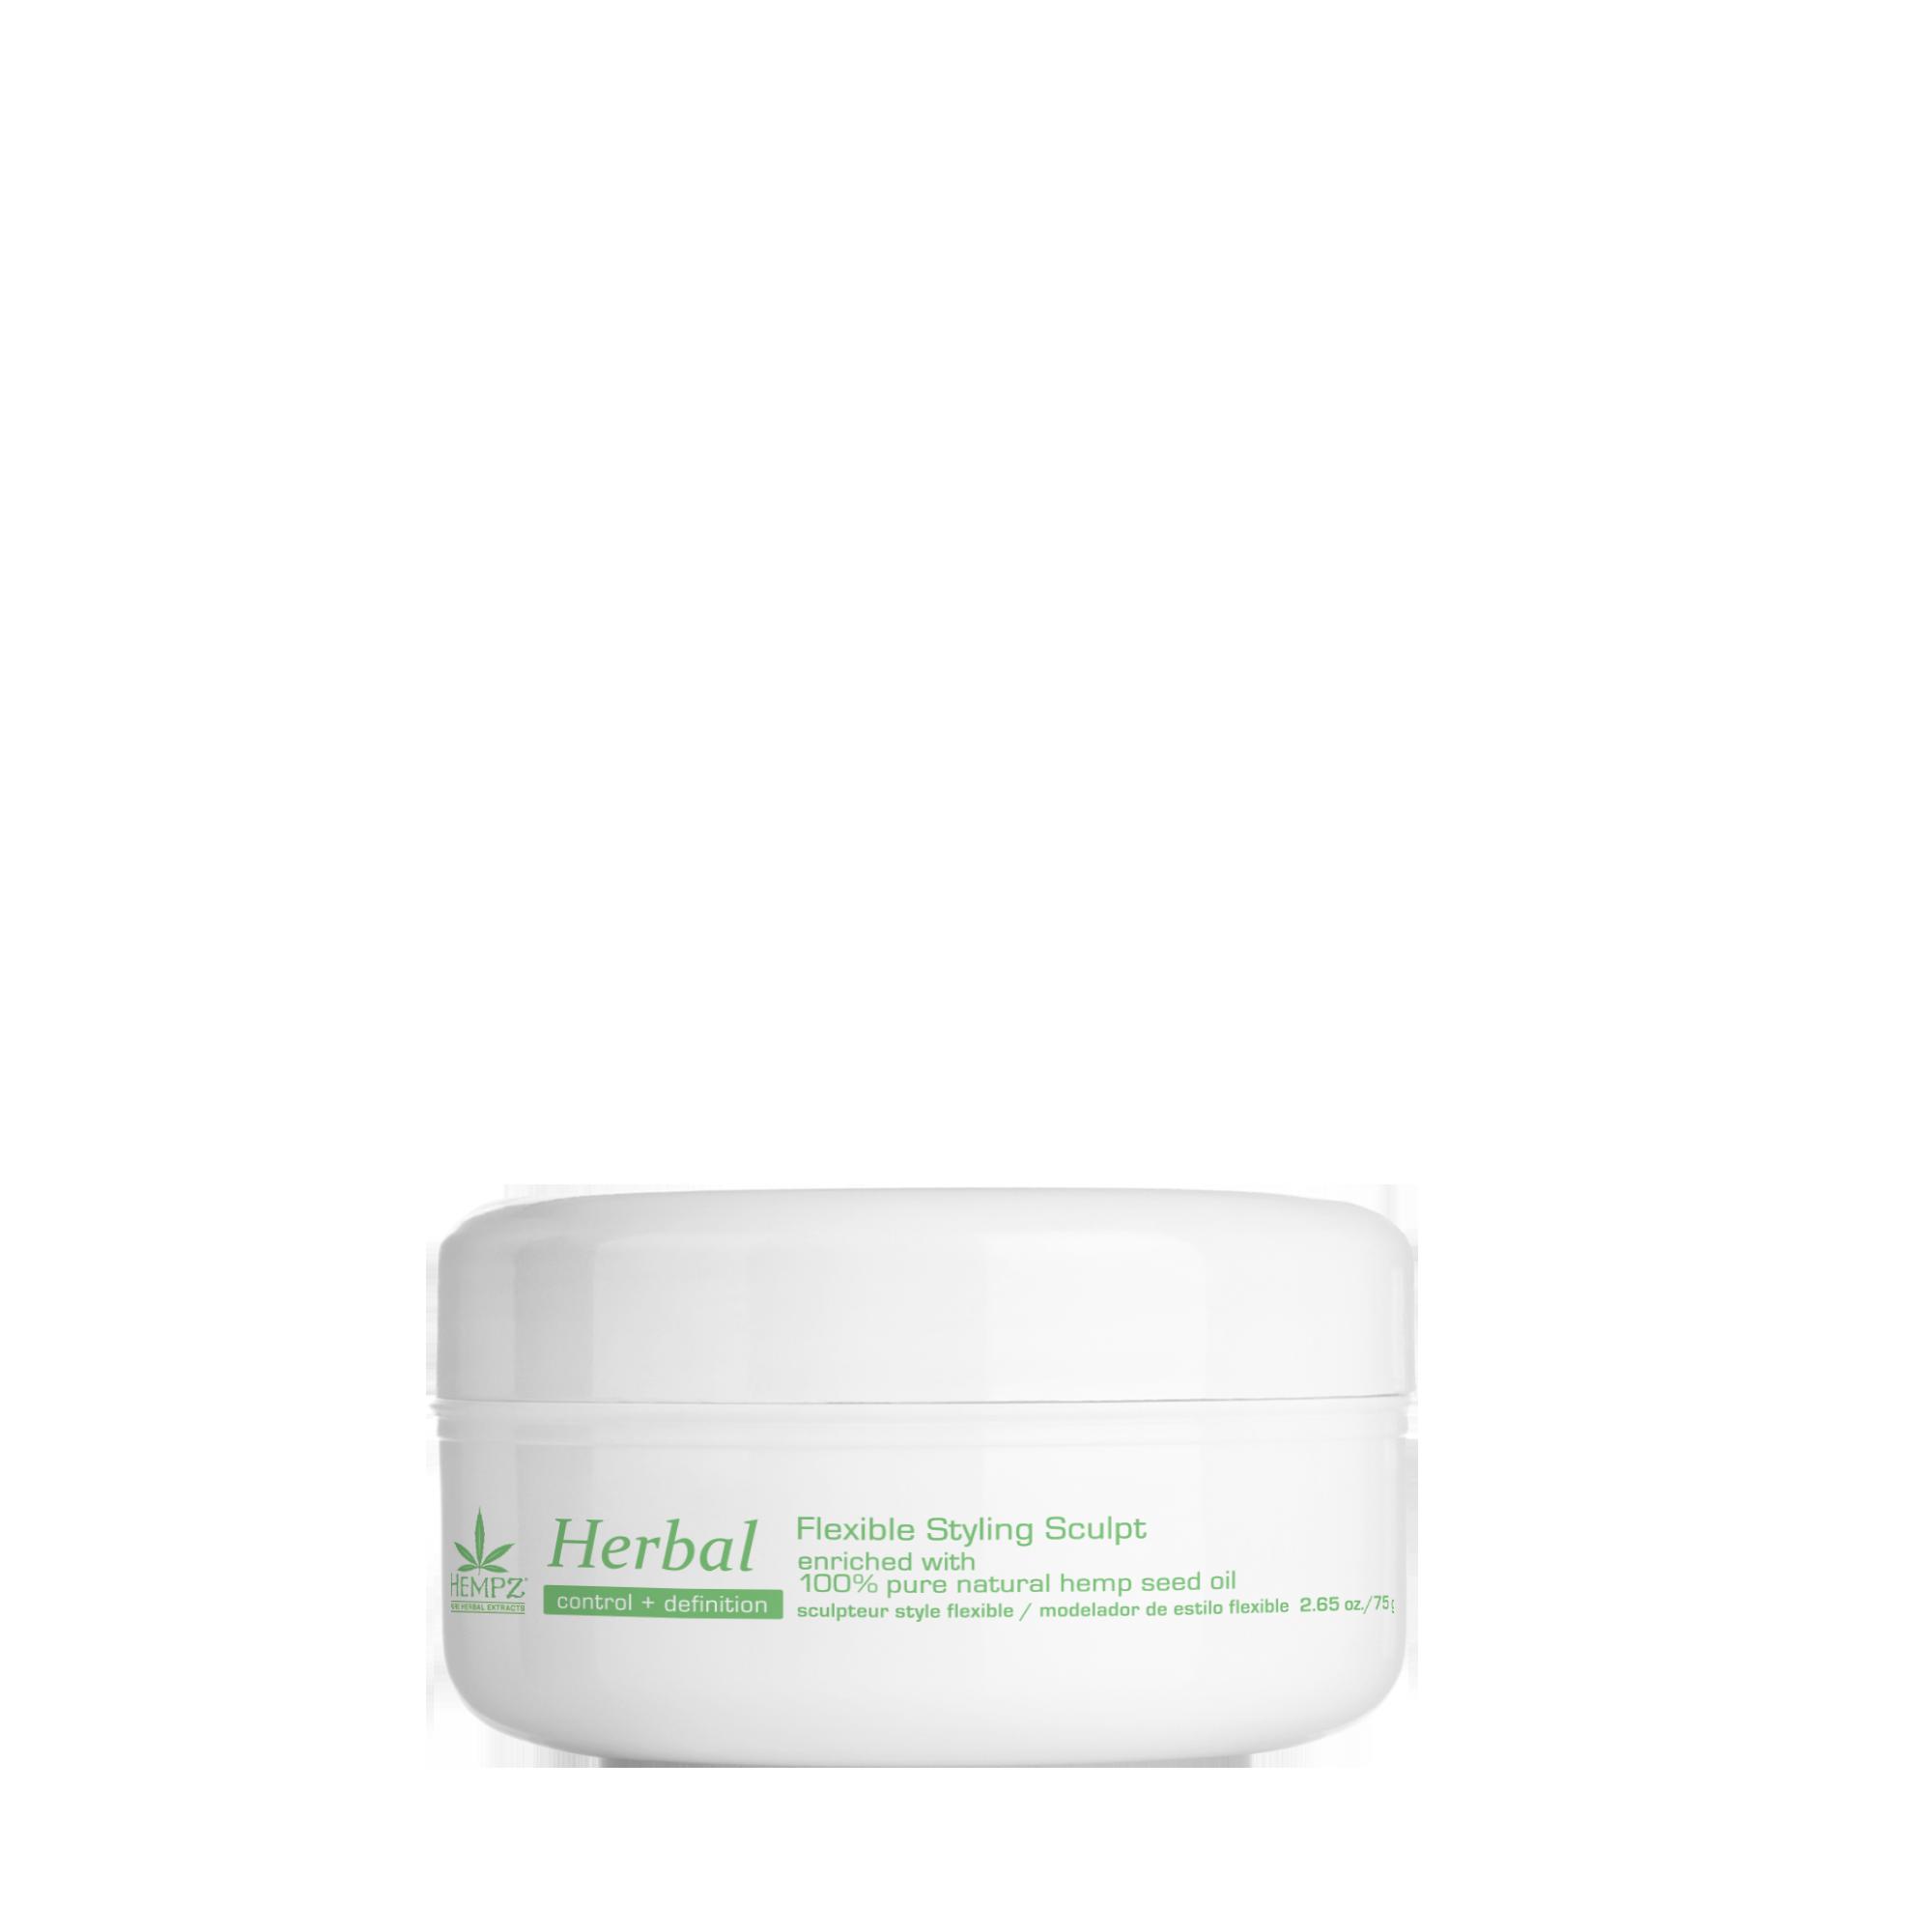 HEMPZ Паста моделирующая растительная пластичной фиксации Здоровые волосы / Herbal Flexible Styling Sculpt 75 г - Пасты